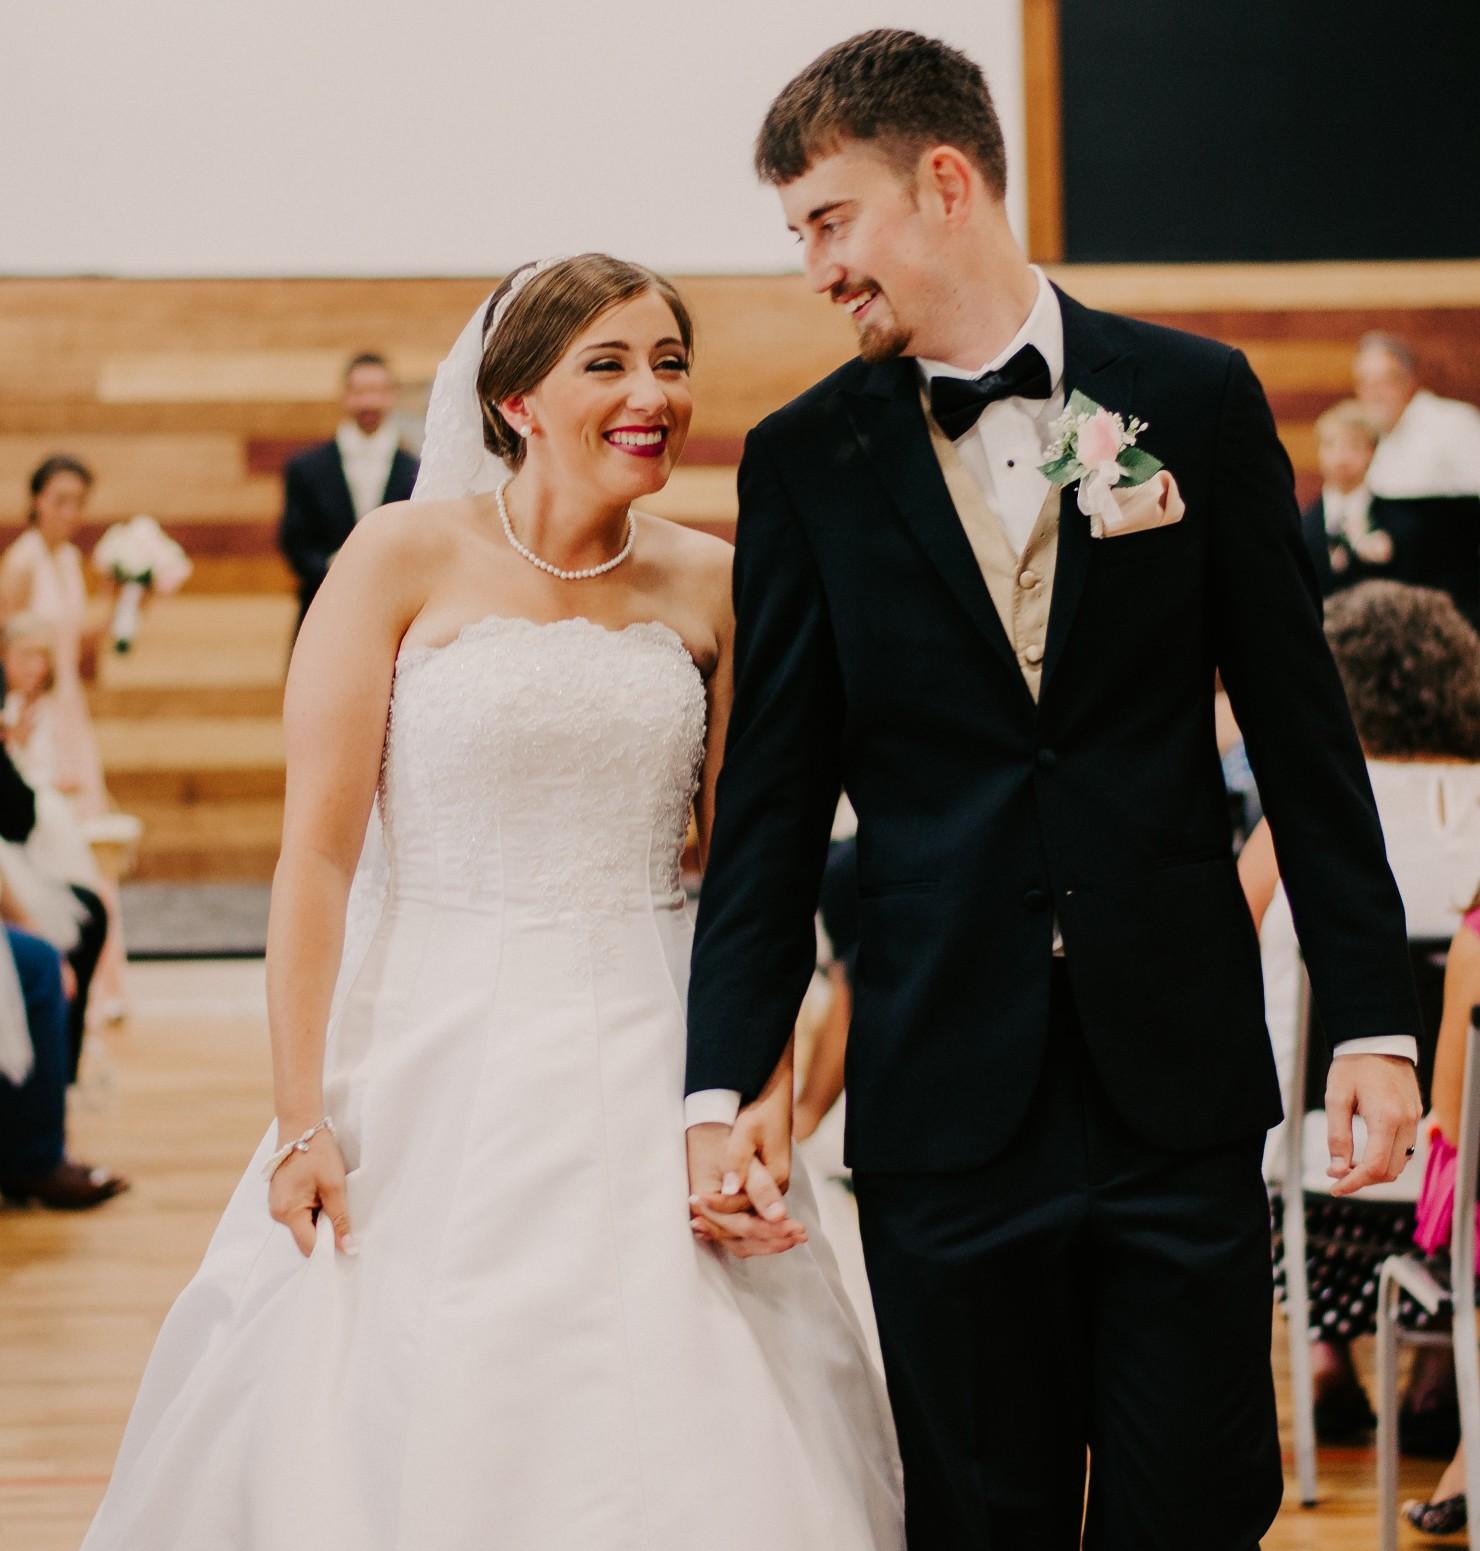 wedding-image-nix-couple.jpg.